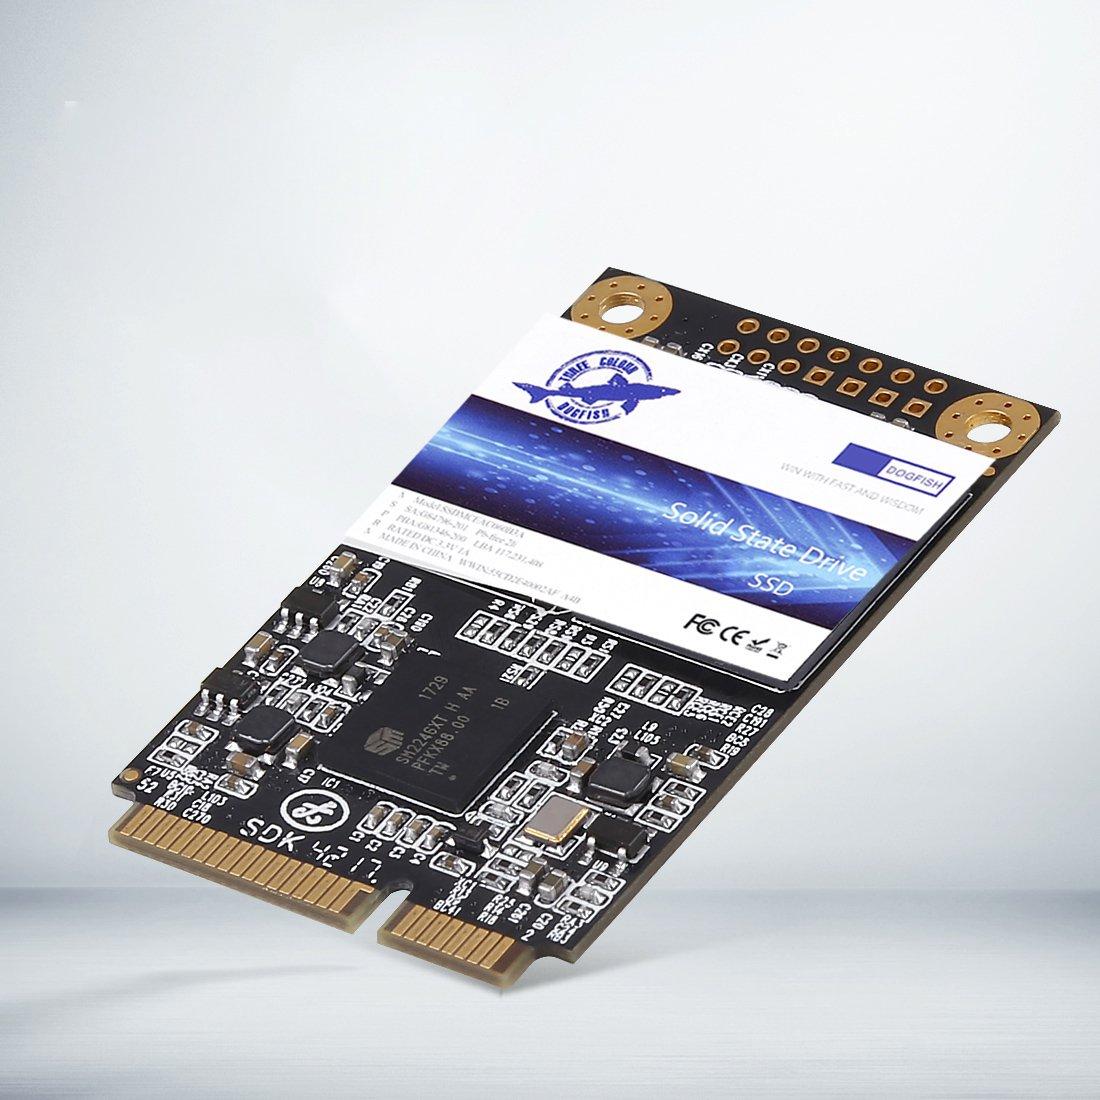 Dogfish Msata 120GB Internal Solid State Drive Mini Sata SSD Disk